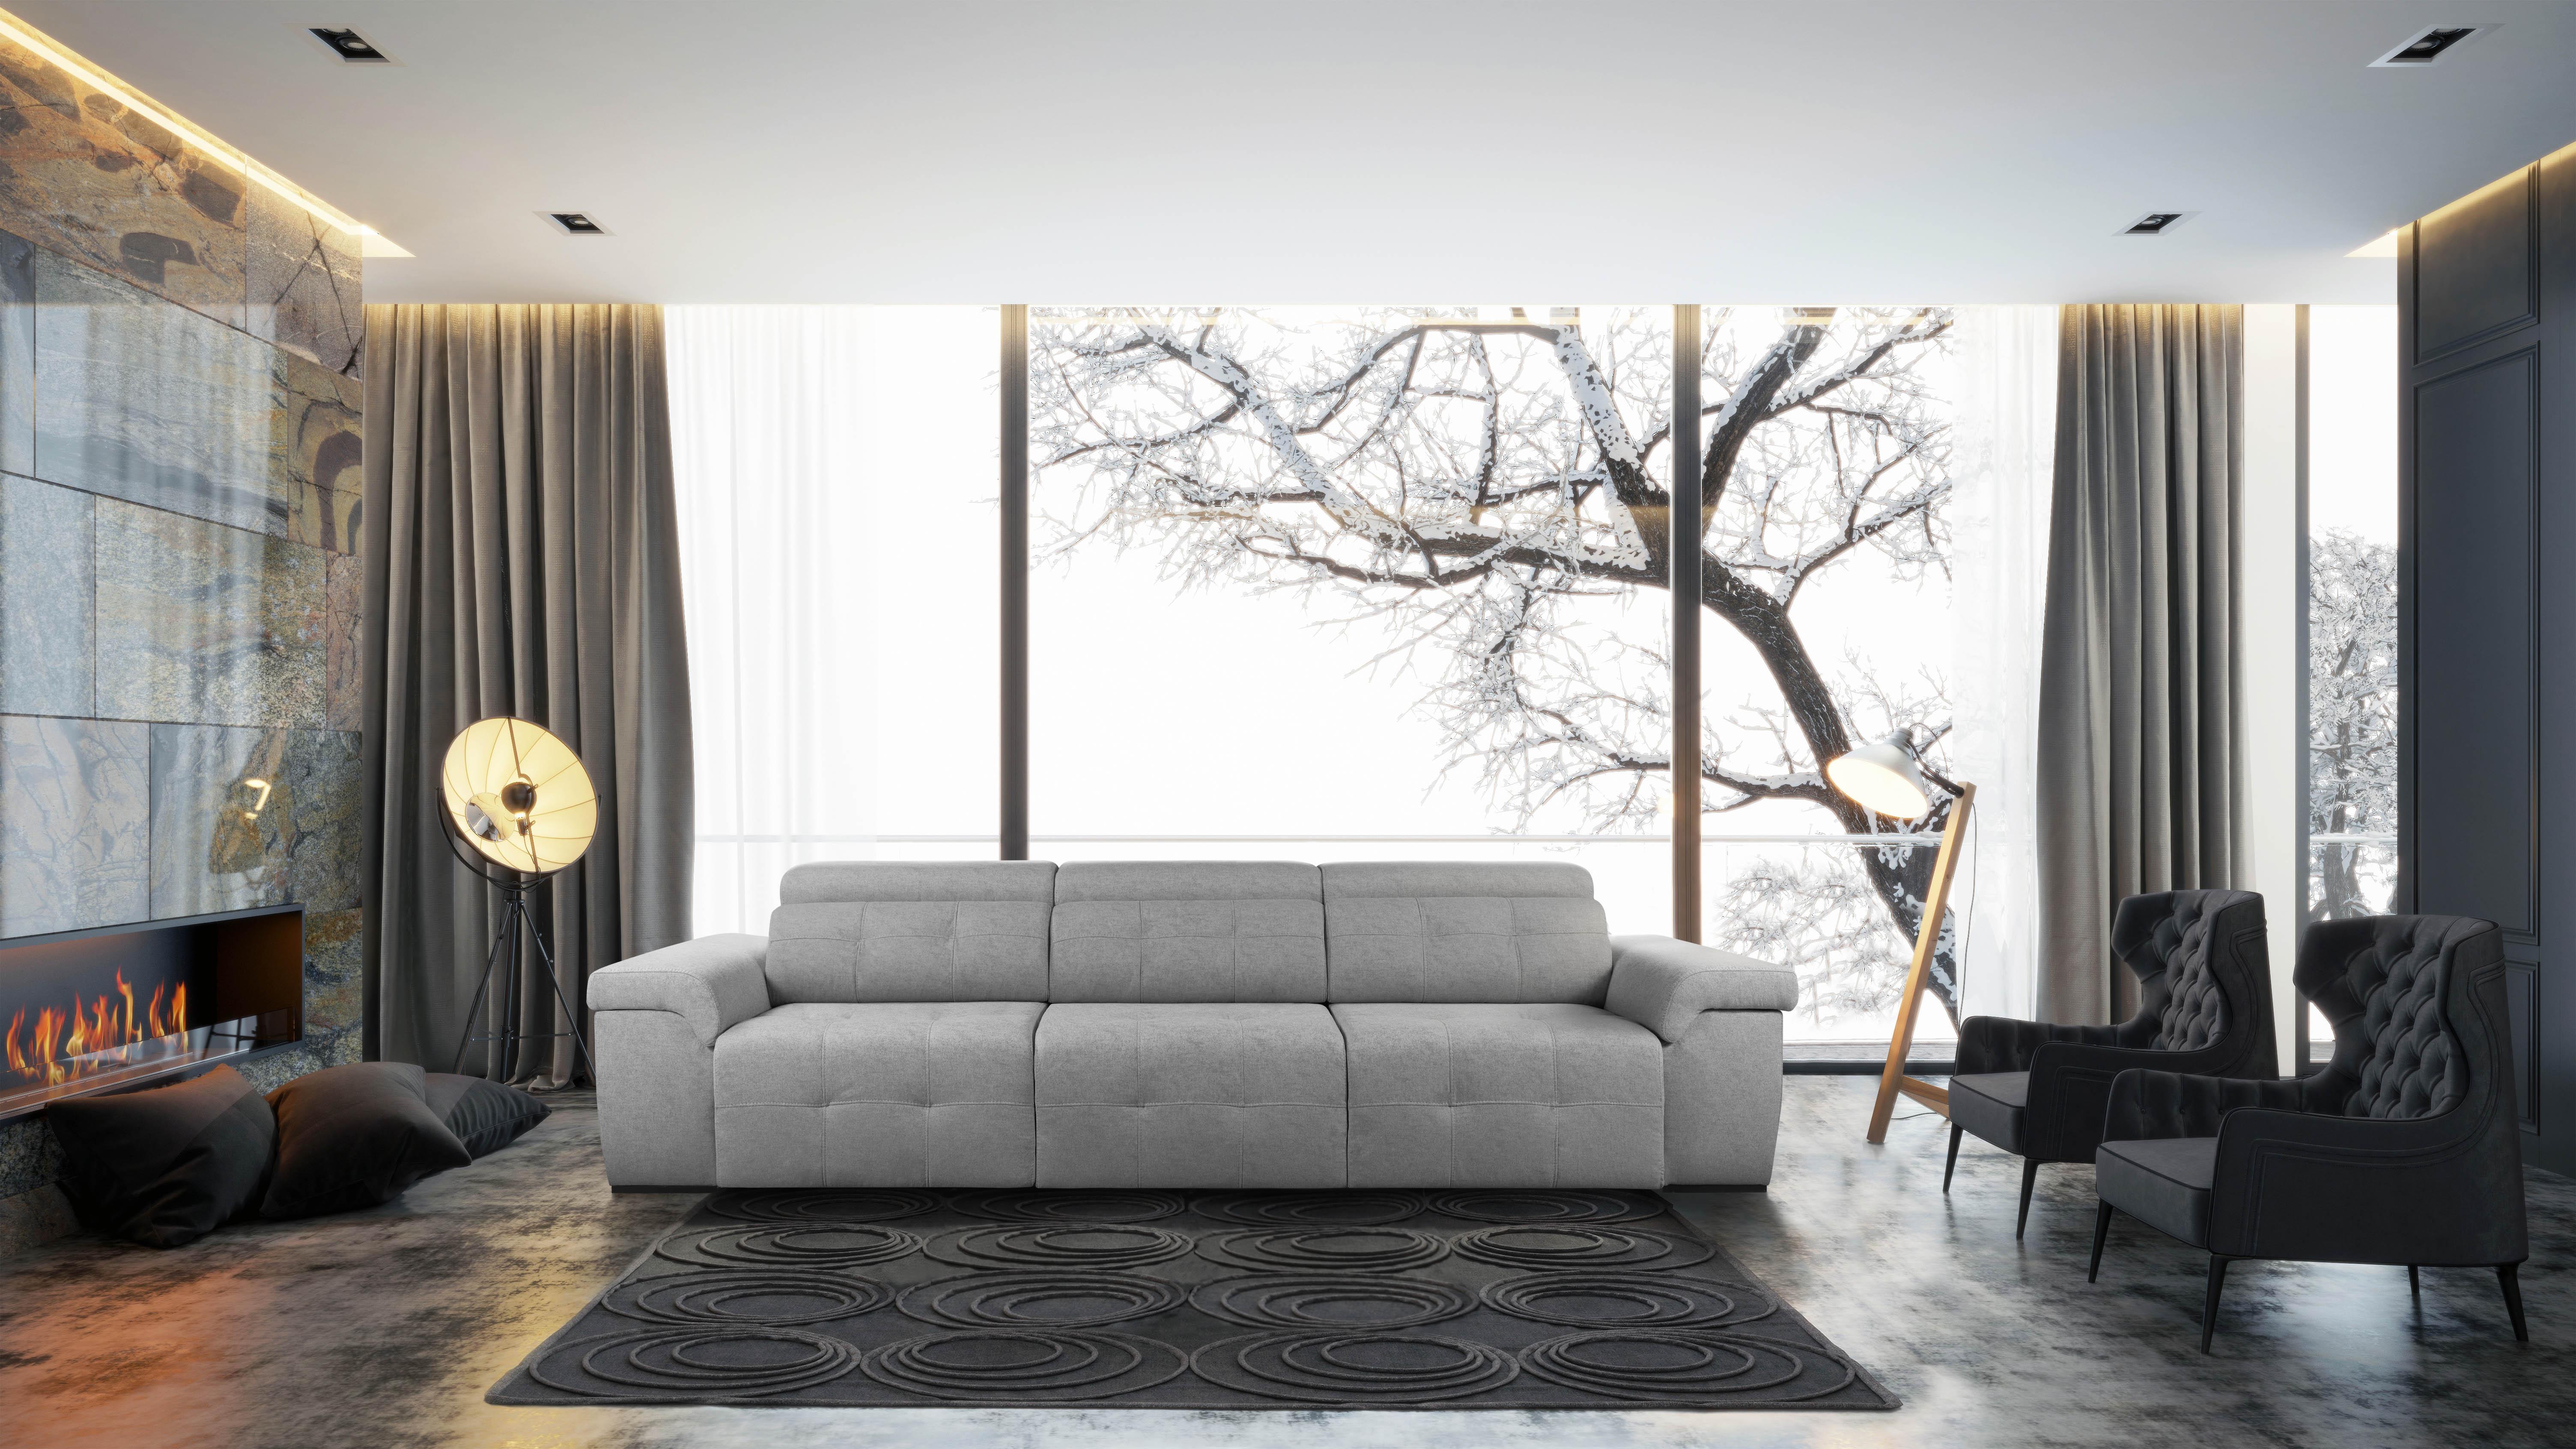 sofas-muebles-paco-caballero-1723-5c8f81b895442